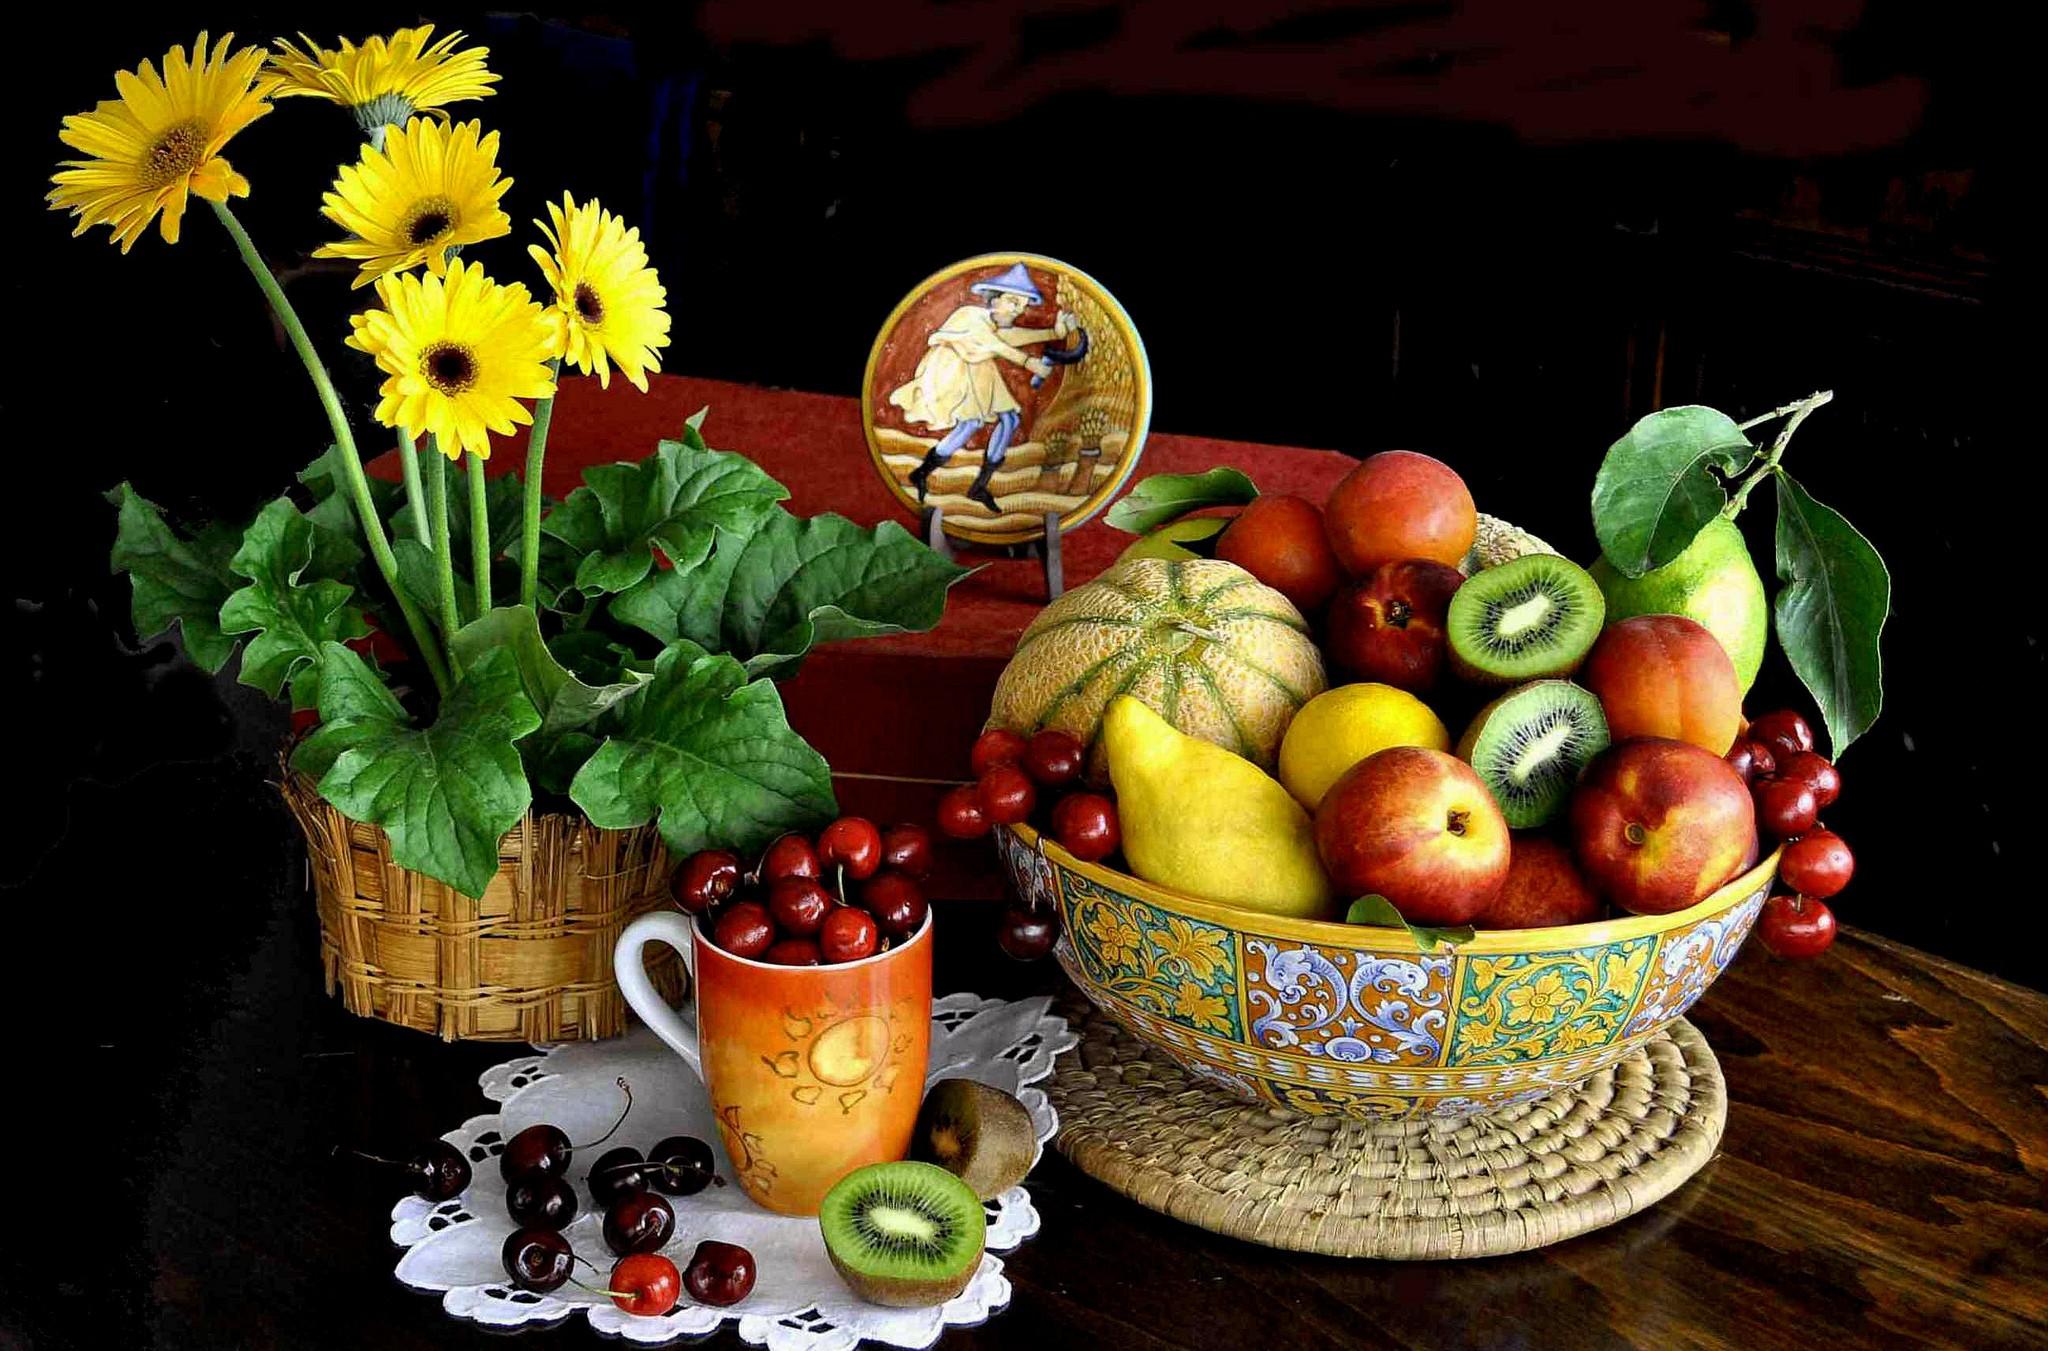 Hintergrundbilder : Malerei, Lebensmittel, gelbe Blumen, Frucht ...